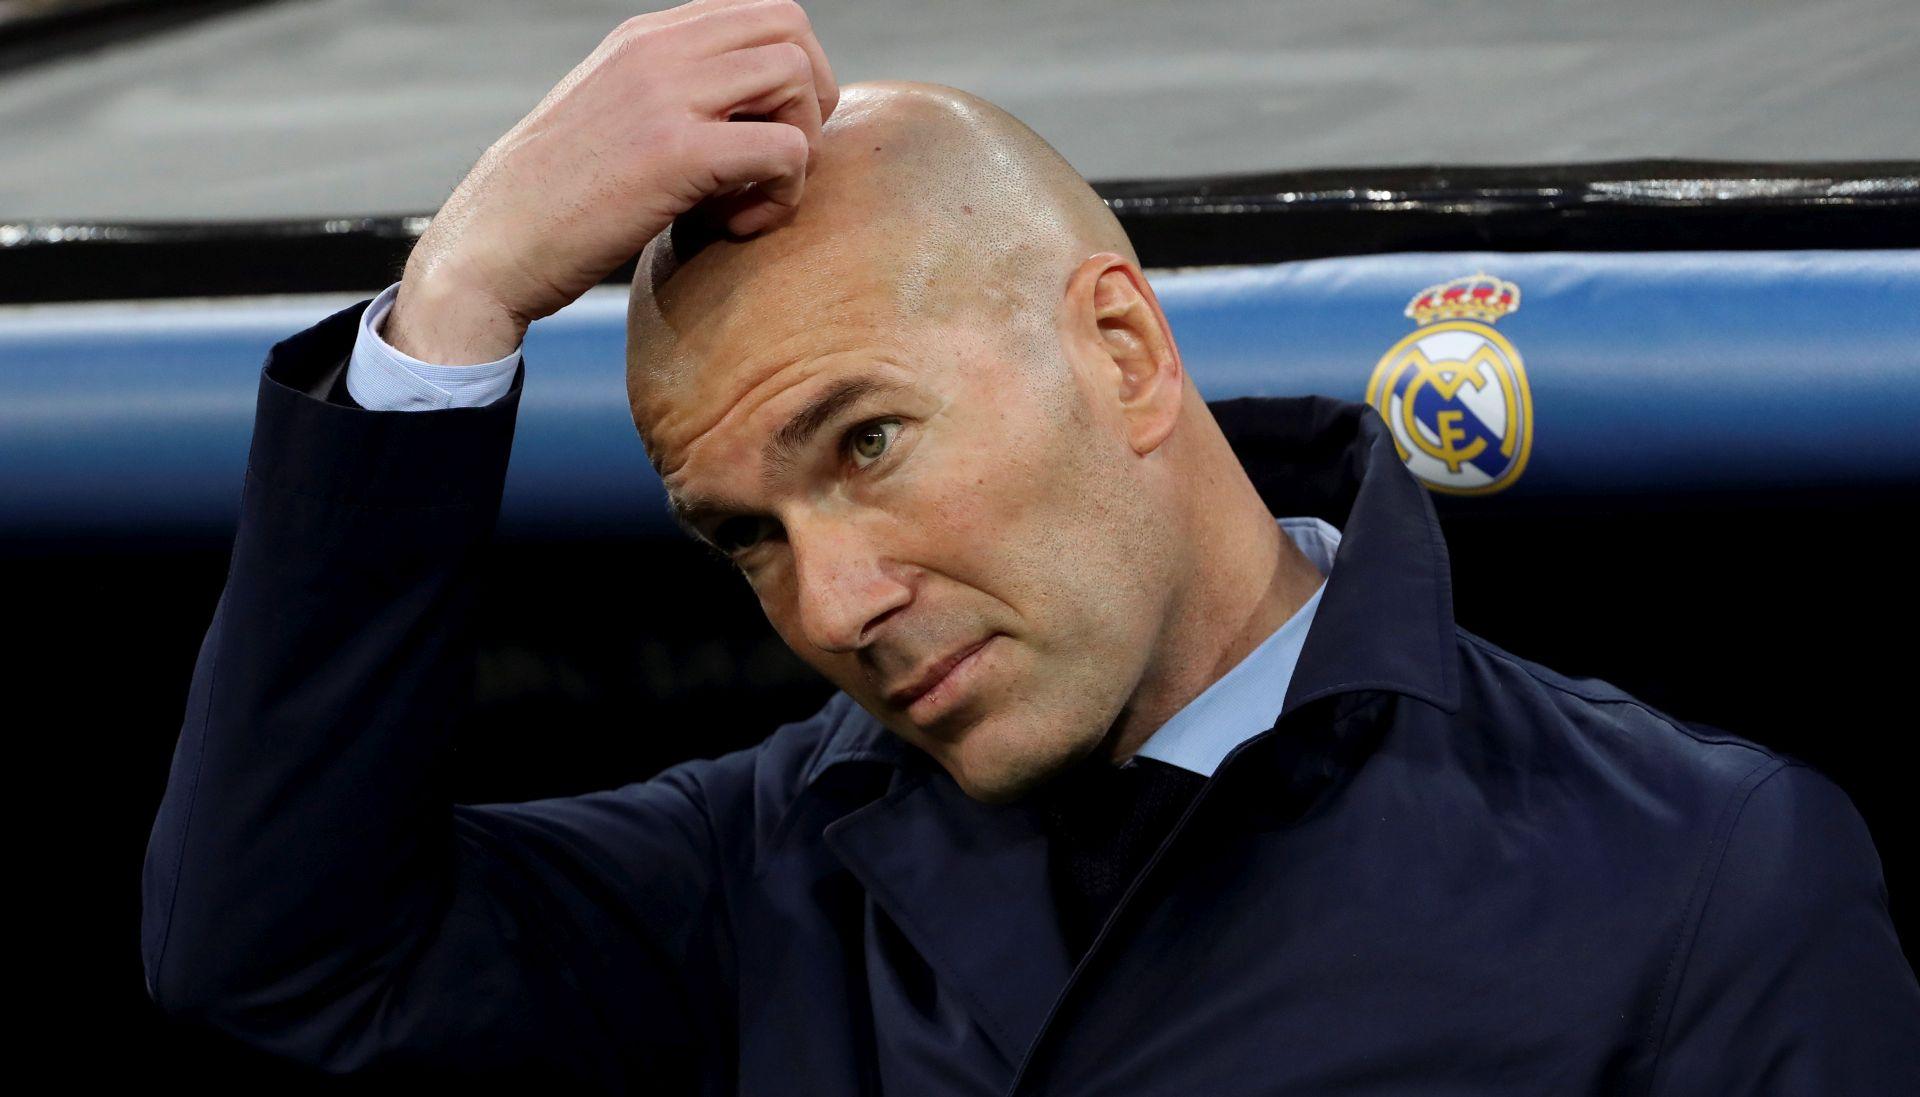 Zidaneov Real desetkuju ozljede uoči starta sezone